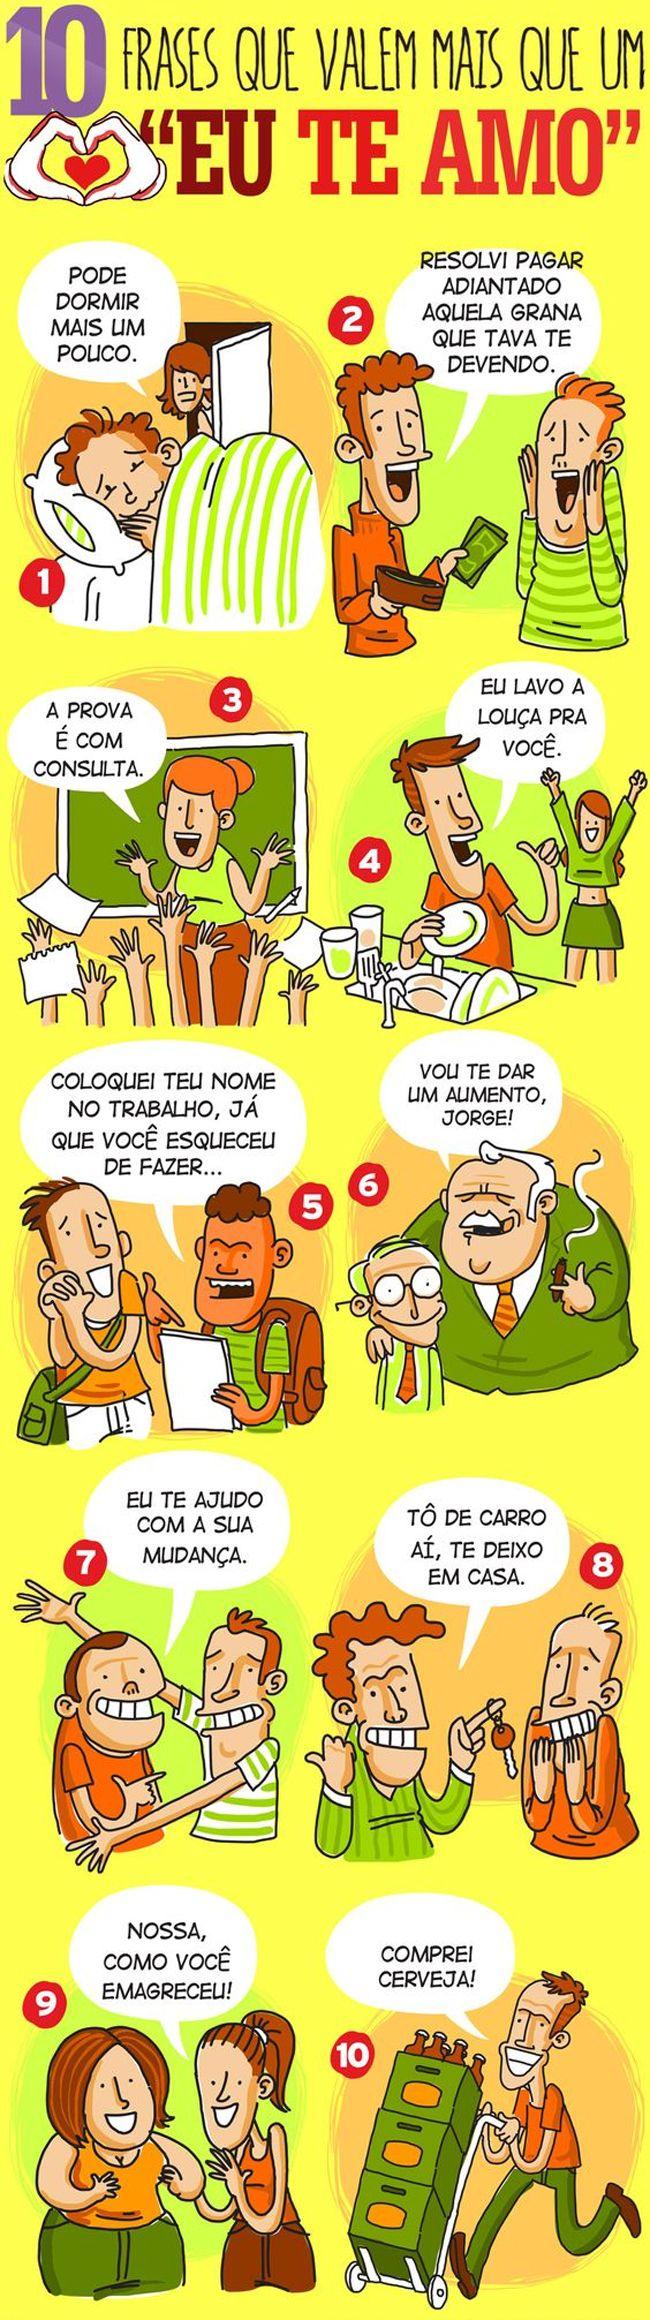 Satirinhas - Quadrinhos, tirinhas, curiosidades e muito mais! - Part 117